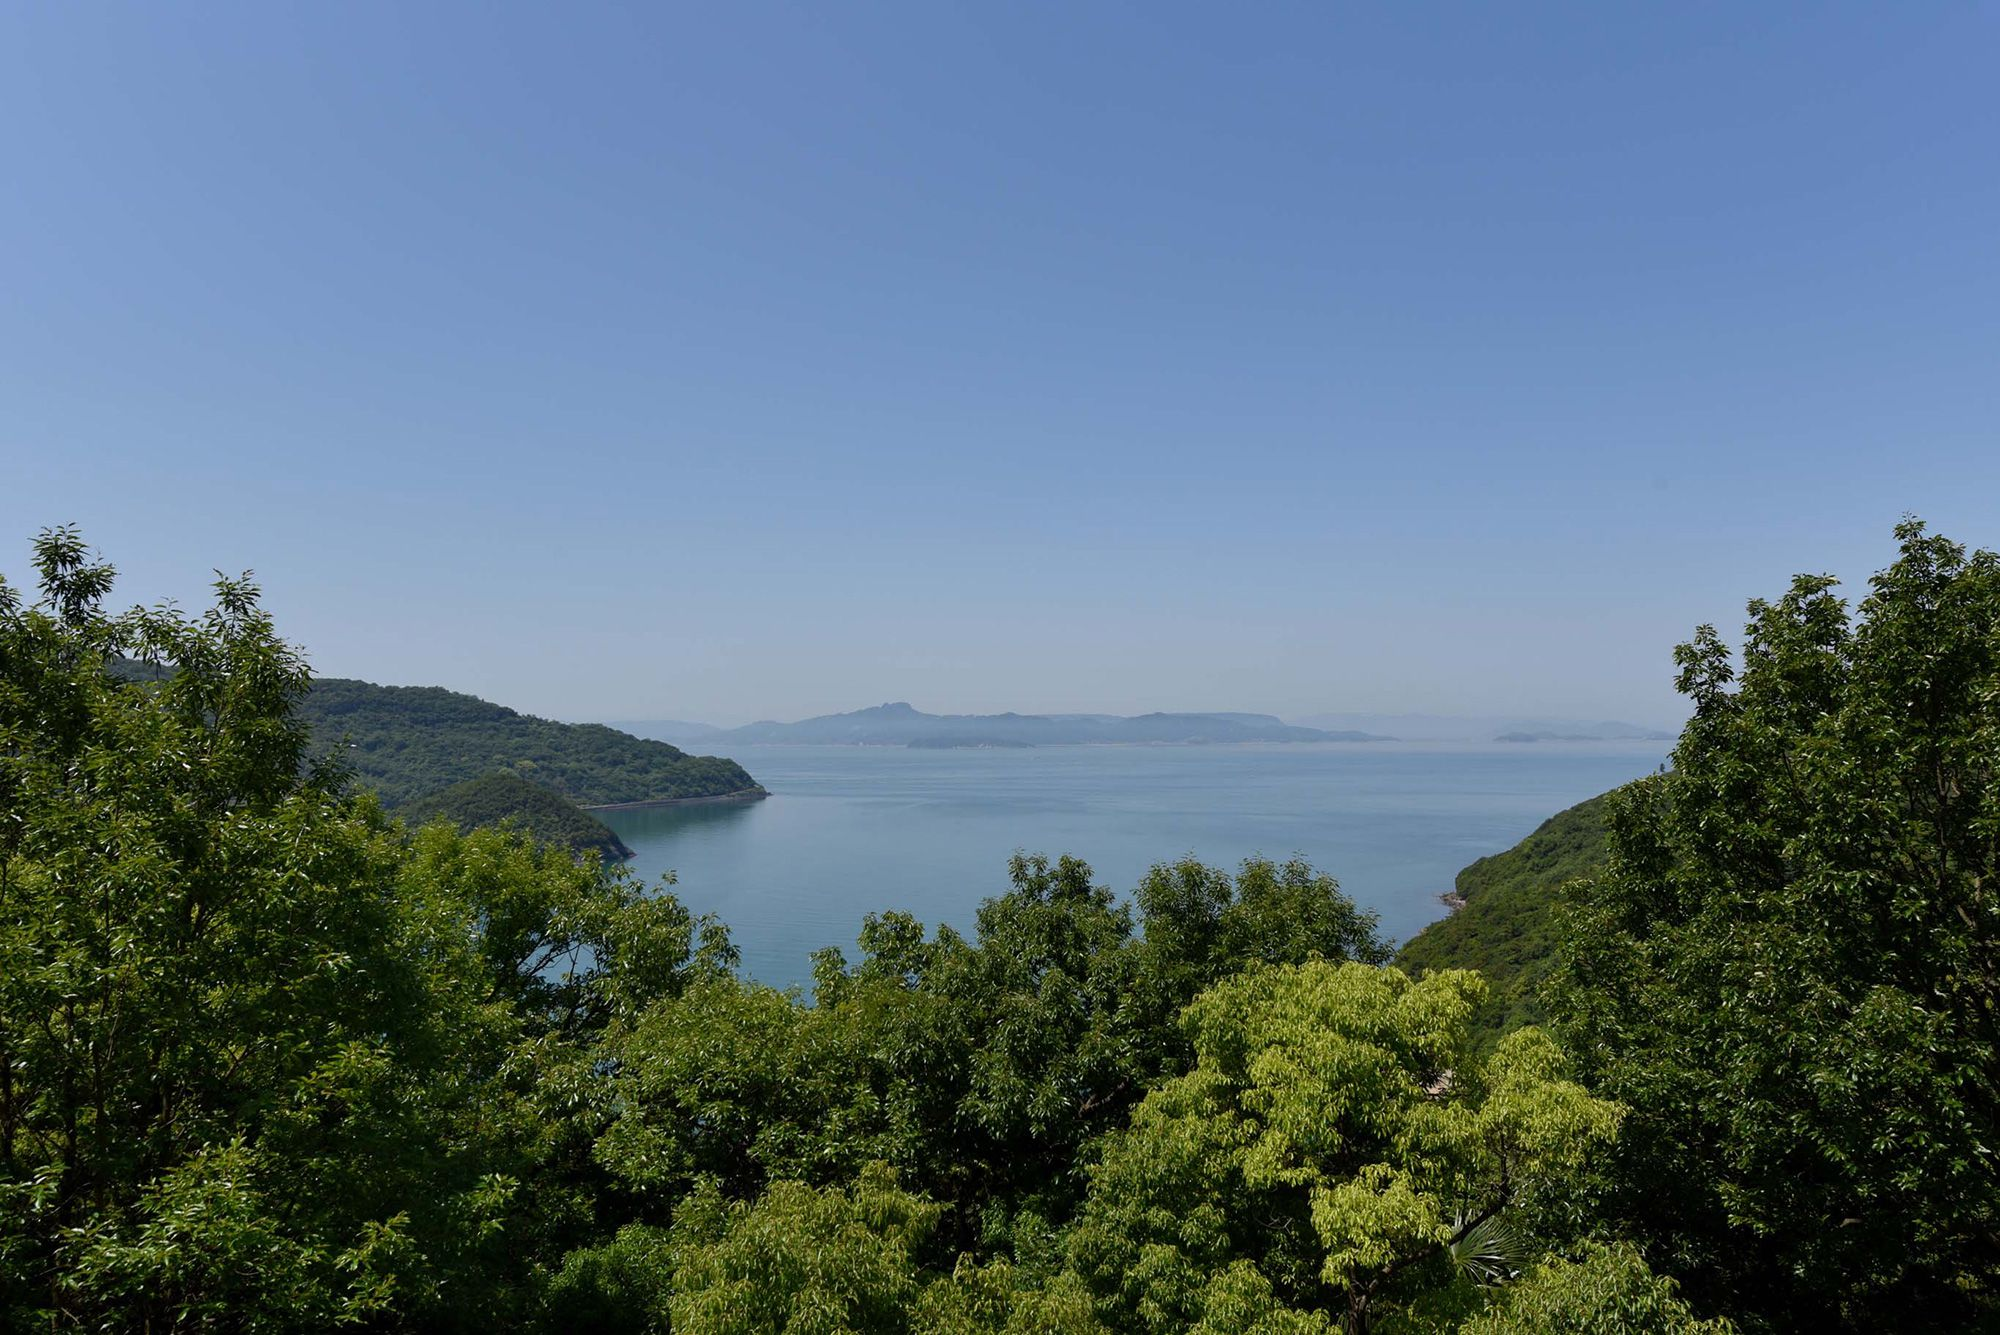 瀨戶內海輕輕載著群島。靜謐景觀迎向四面八方。